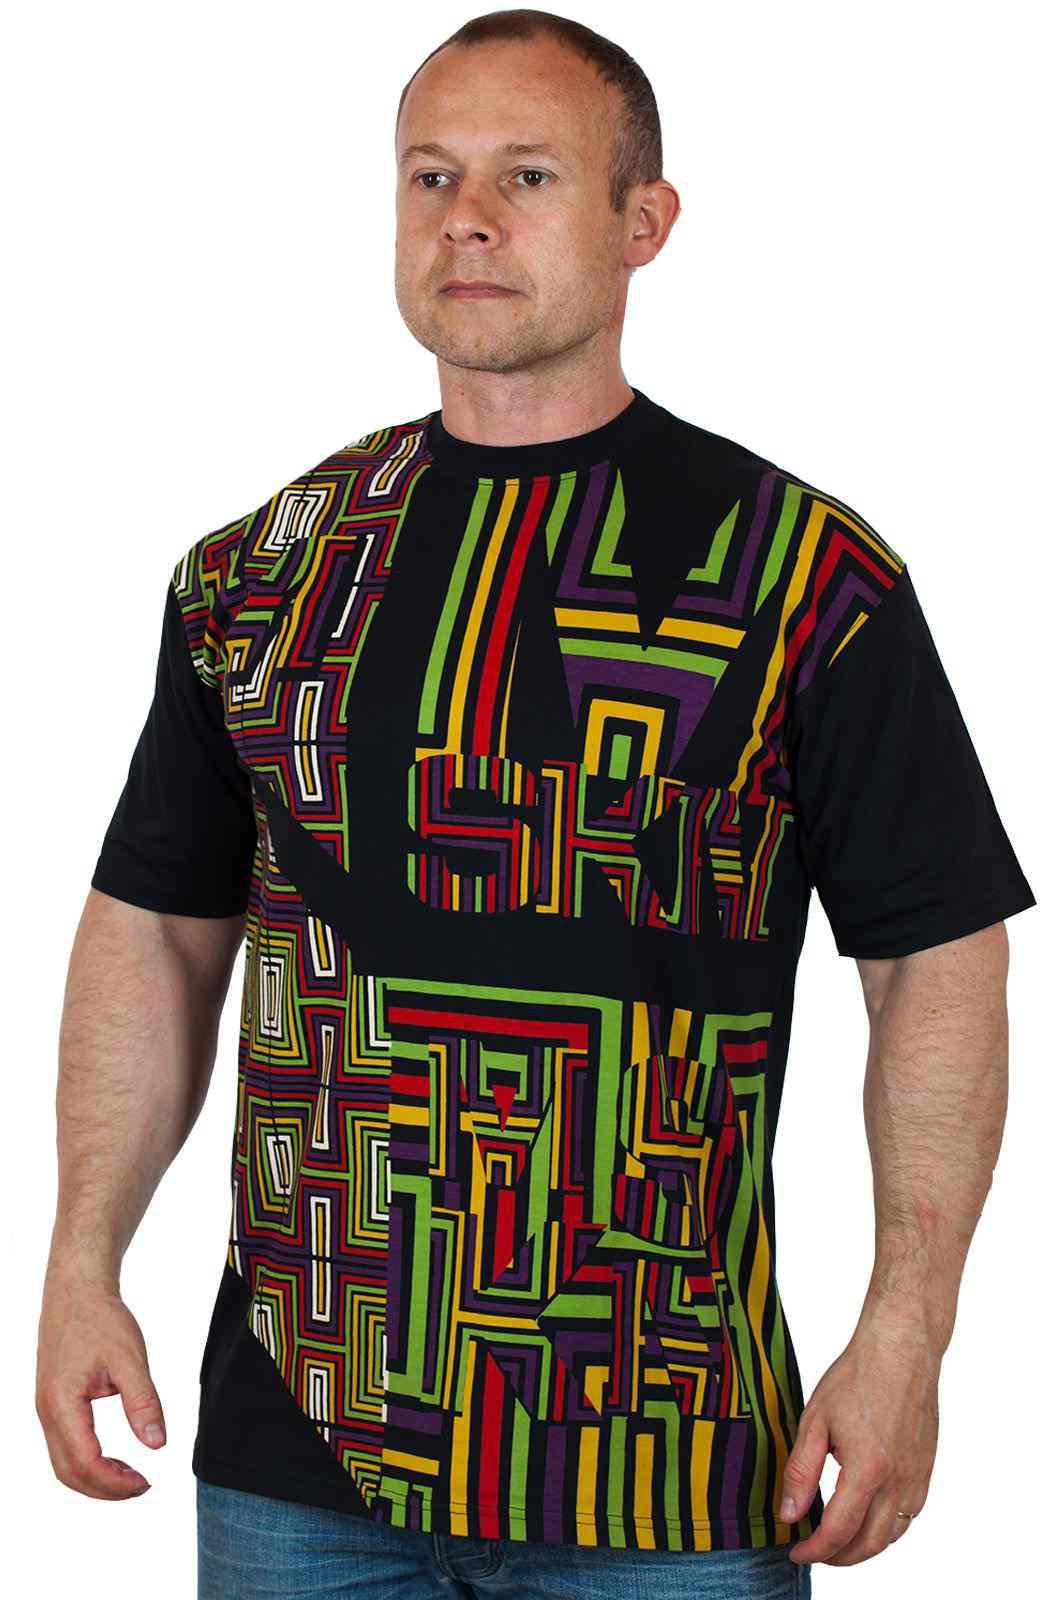 Уникальная дизайнерская футболка от Miskeen Originals №124